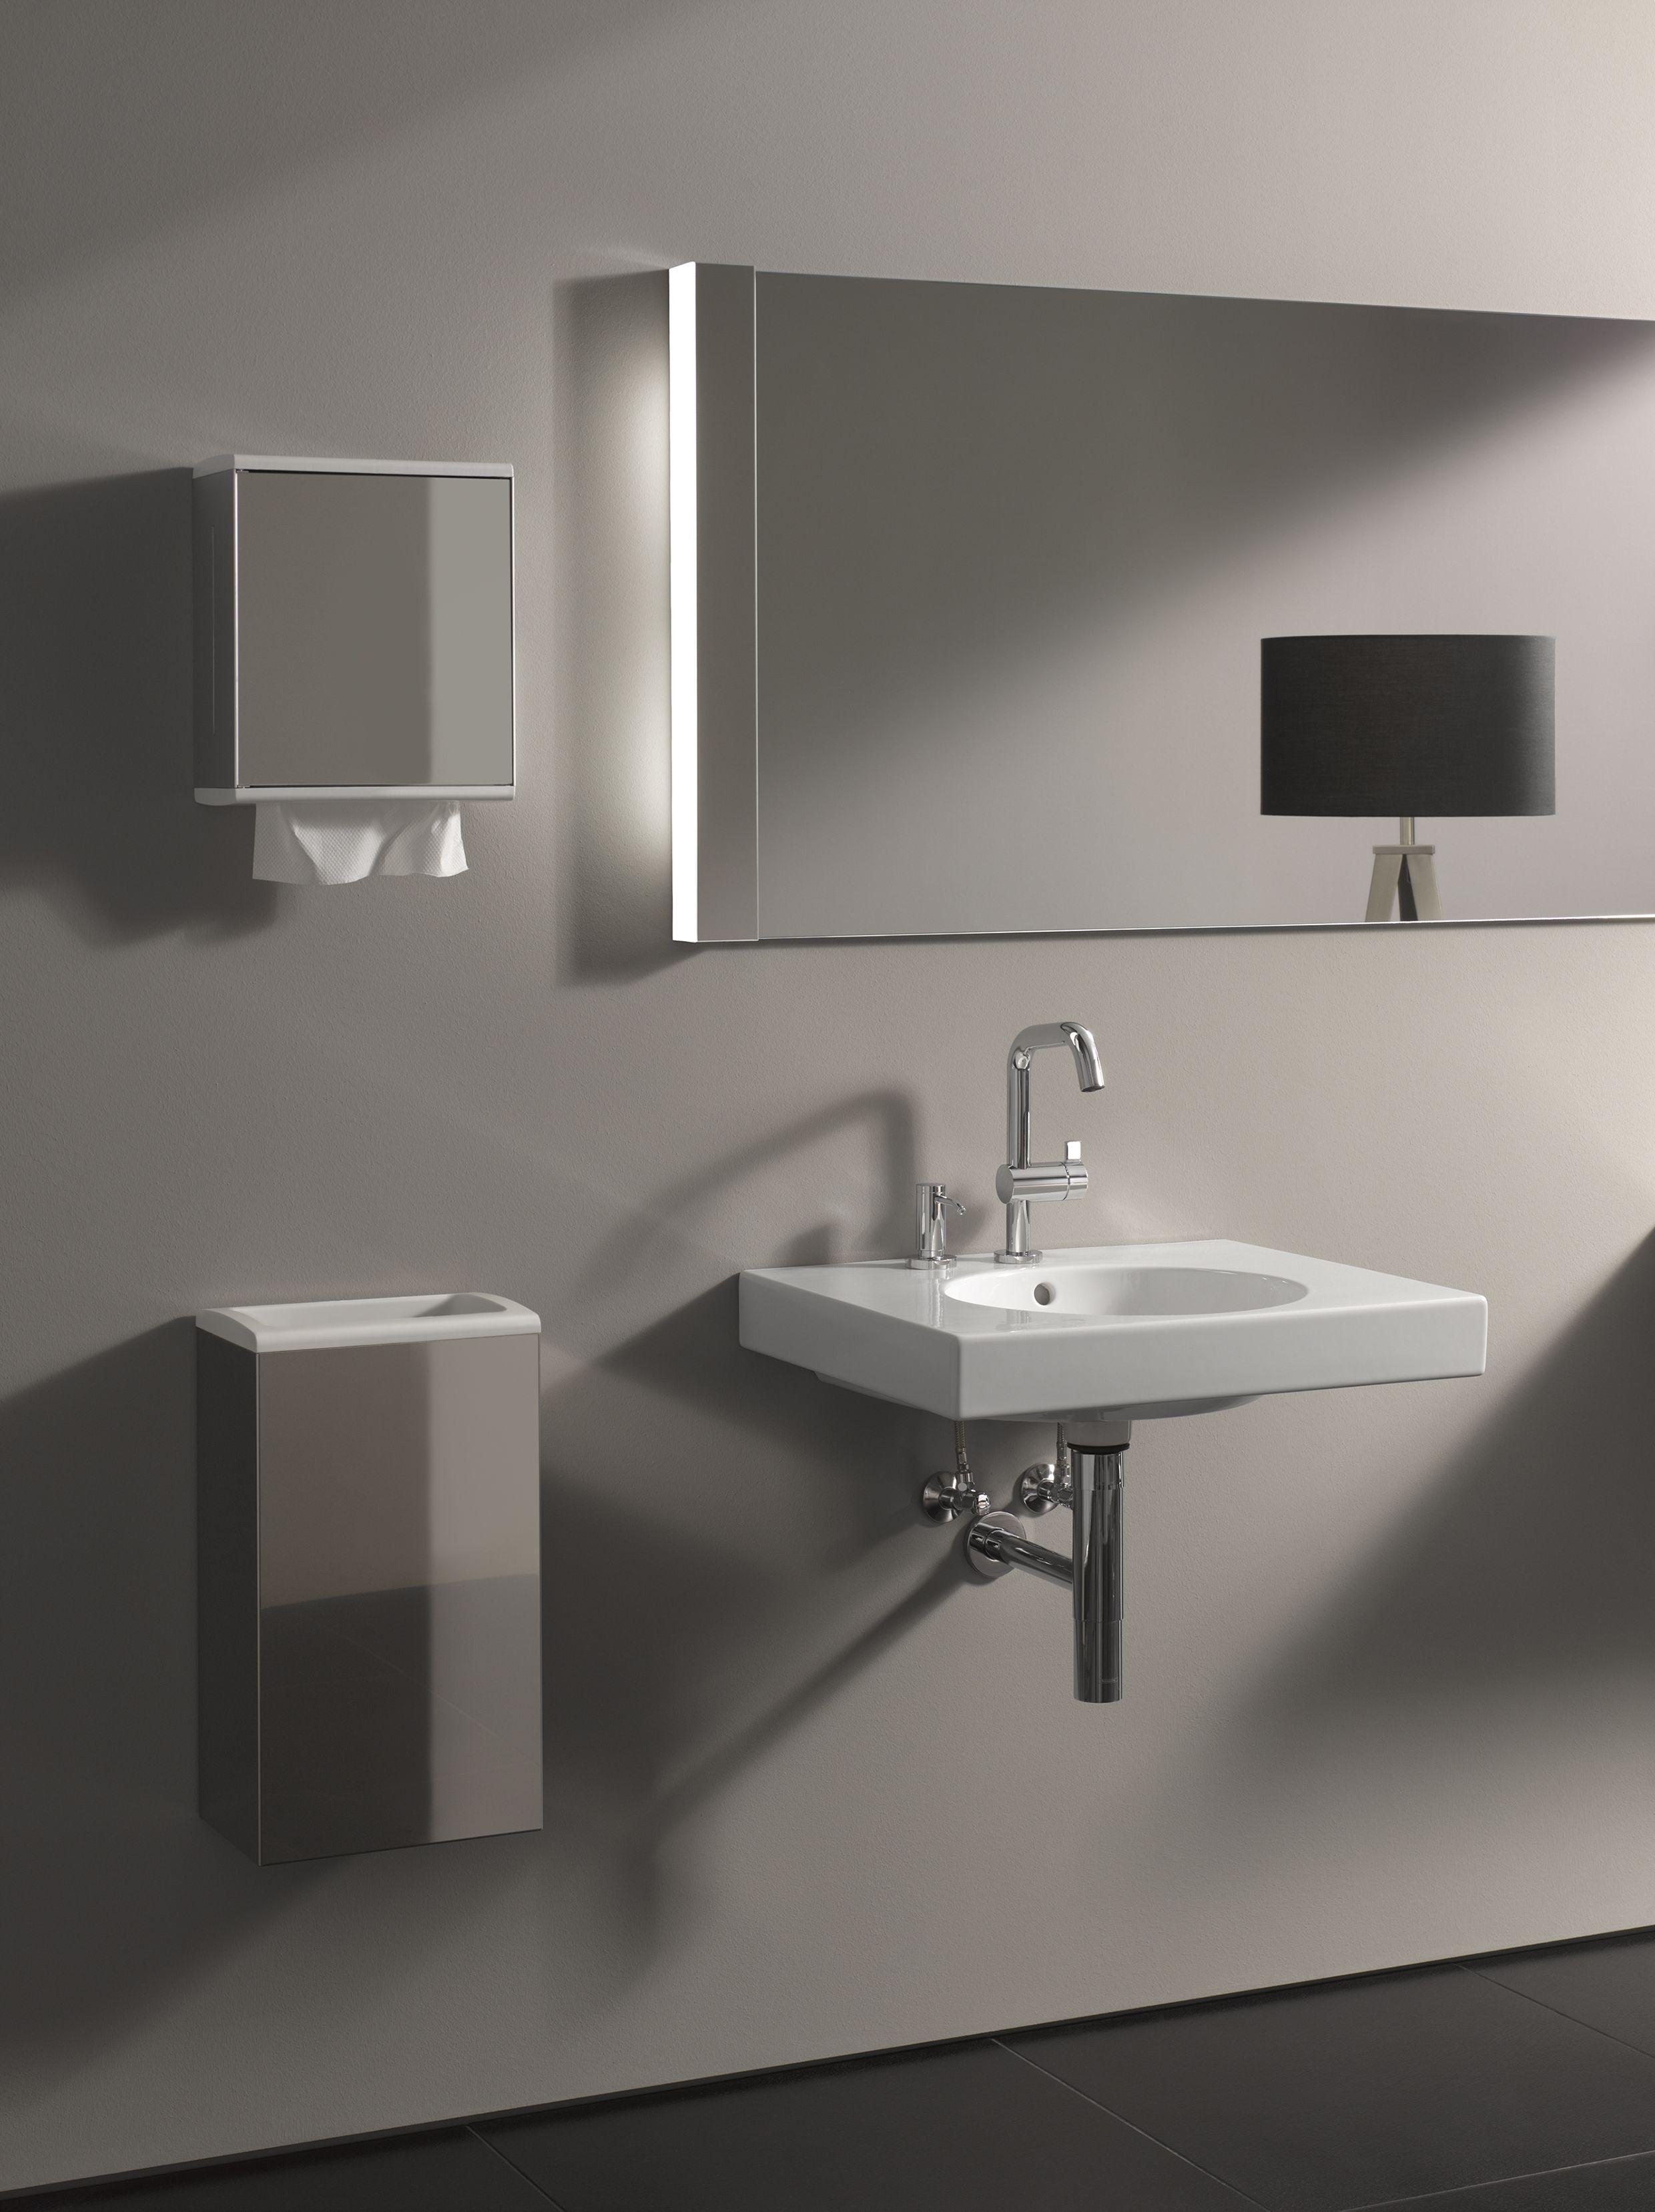 Keuco Plan Blue Bathroomfurniture Architecture Design Spiegelschrank Waschtisch Badezimmer